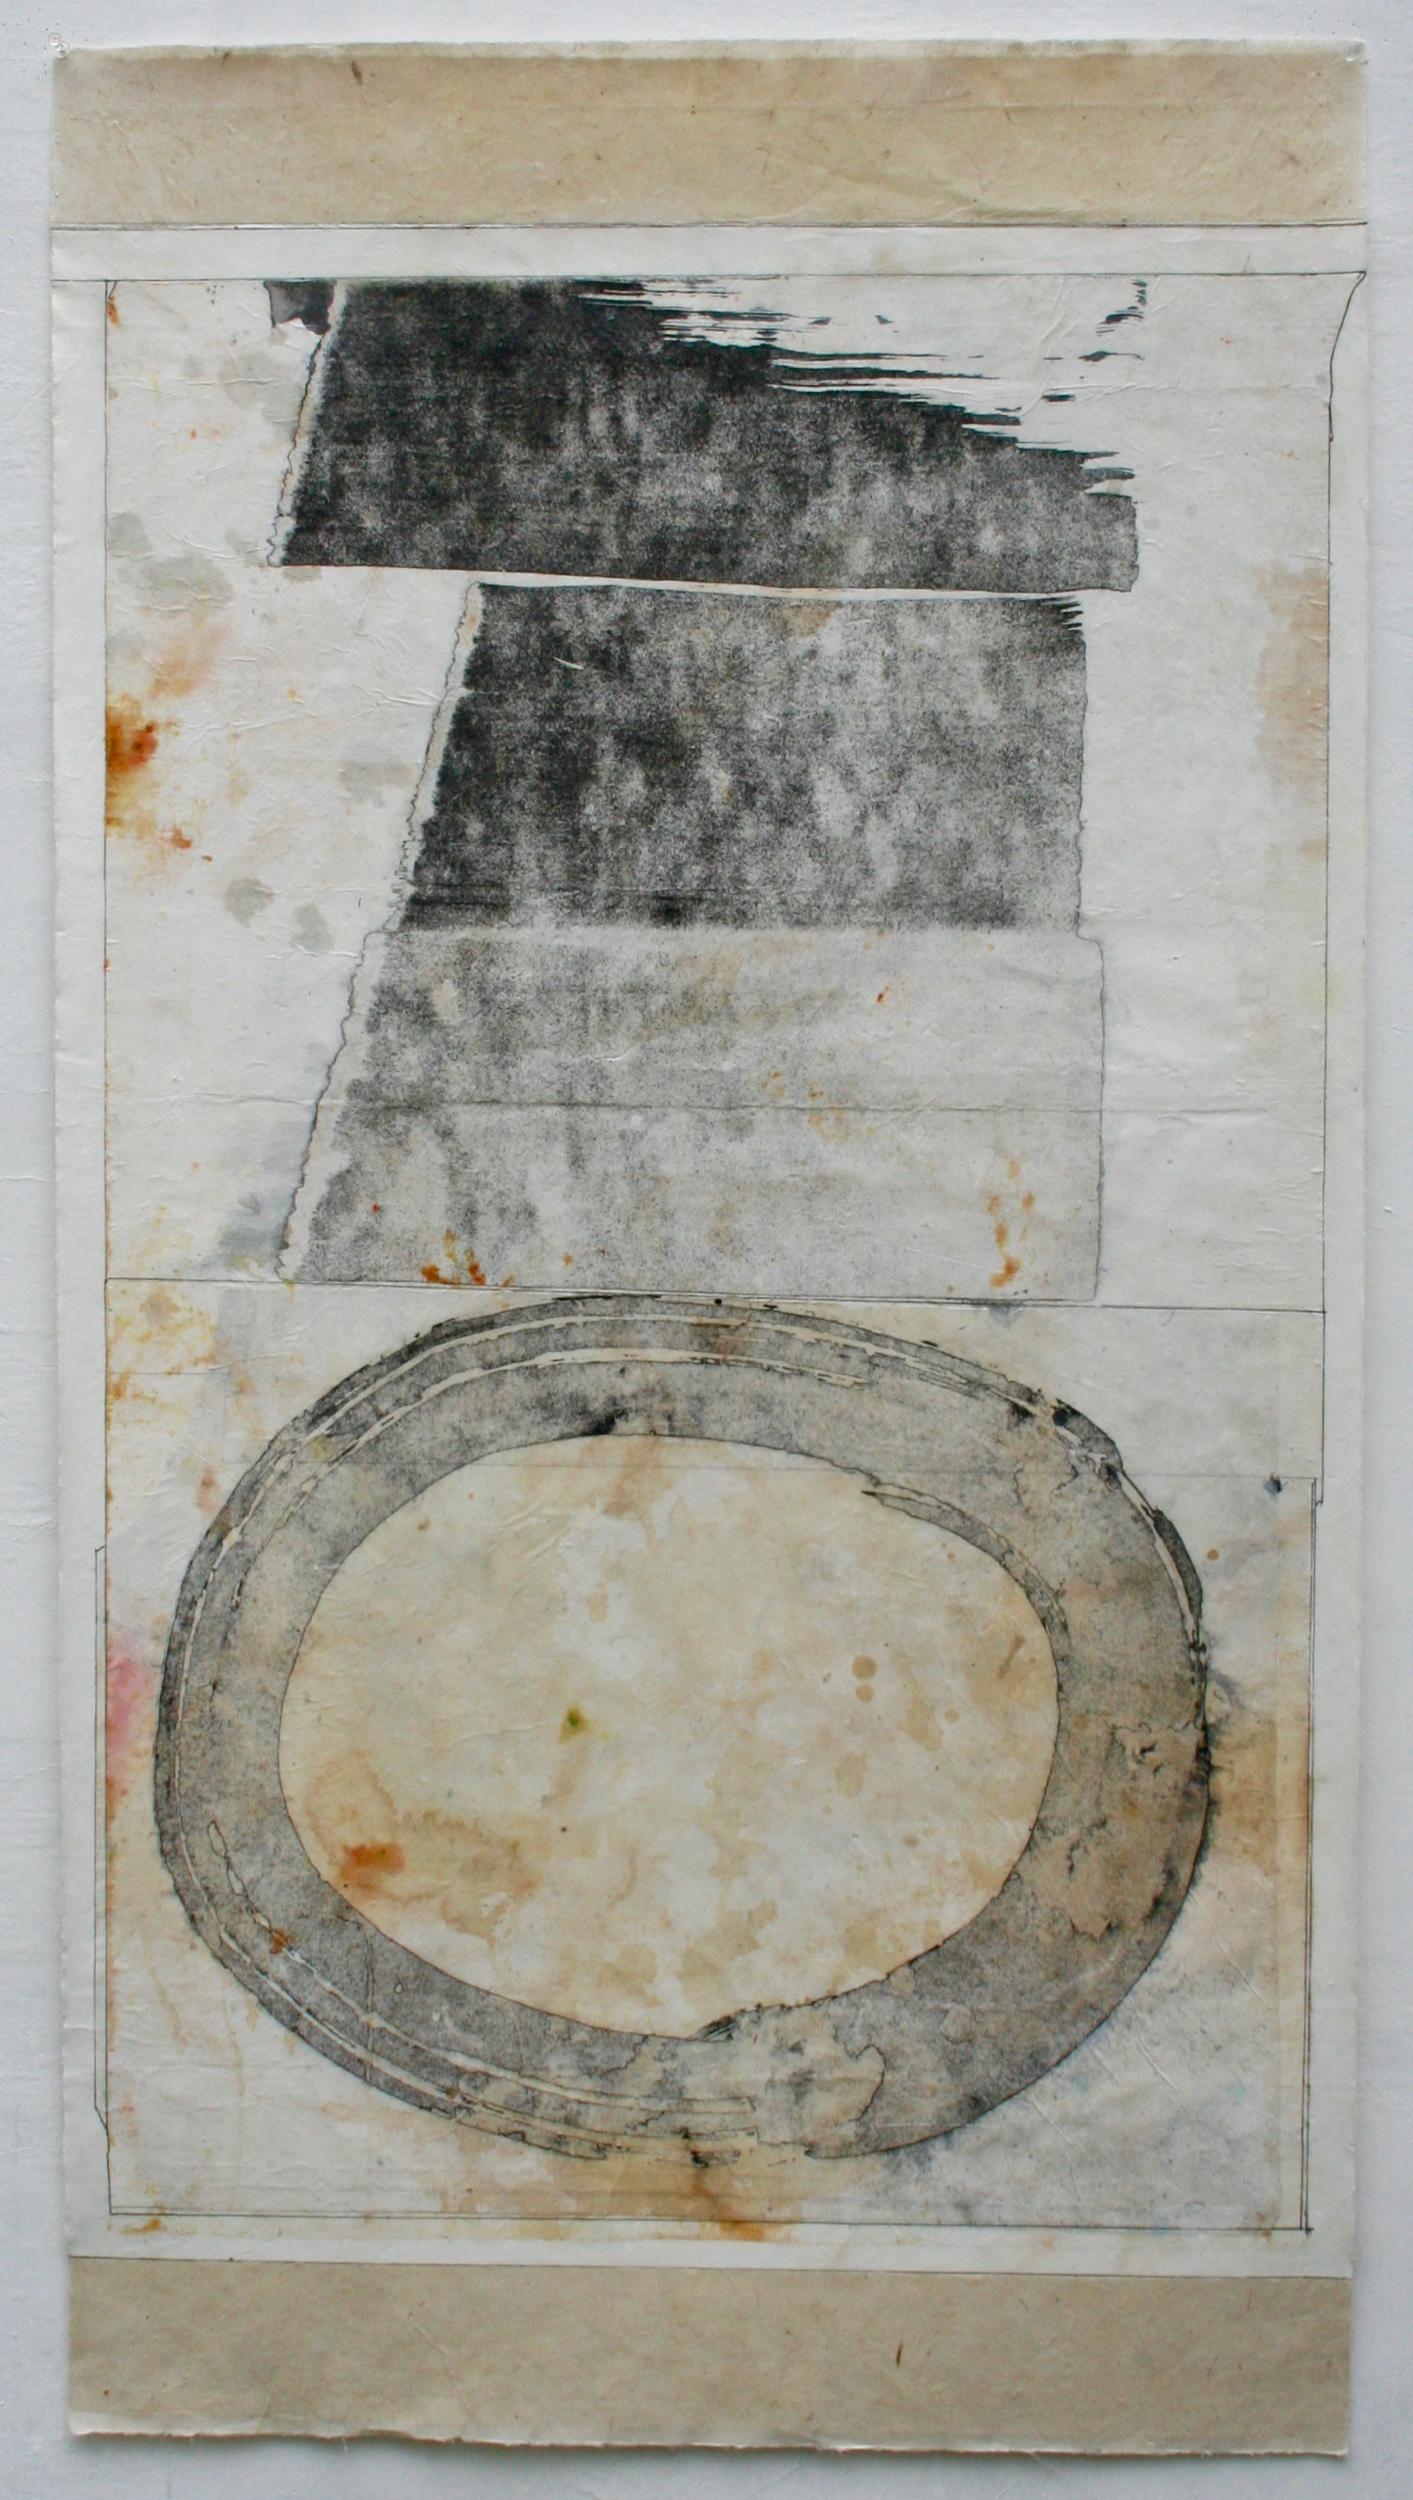 chichten itza  mixed media on Tibetan paper  48 x 25.  sold  .  .  .  .